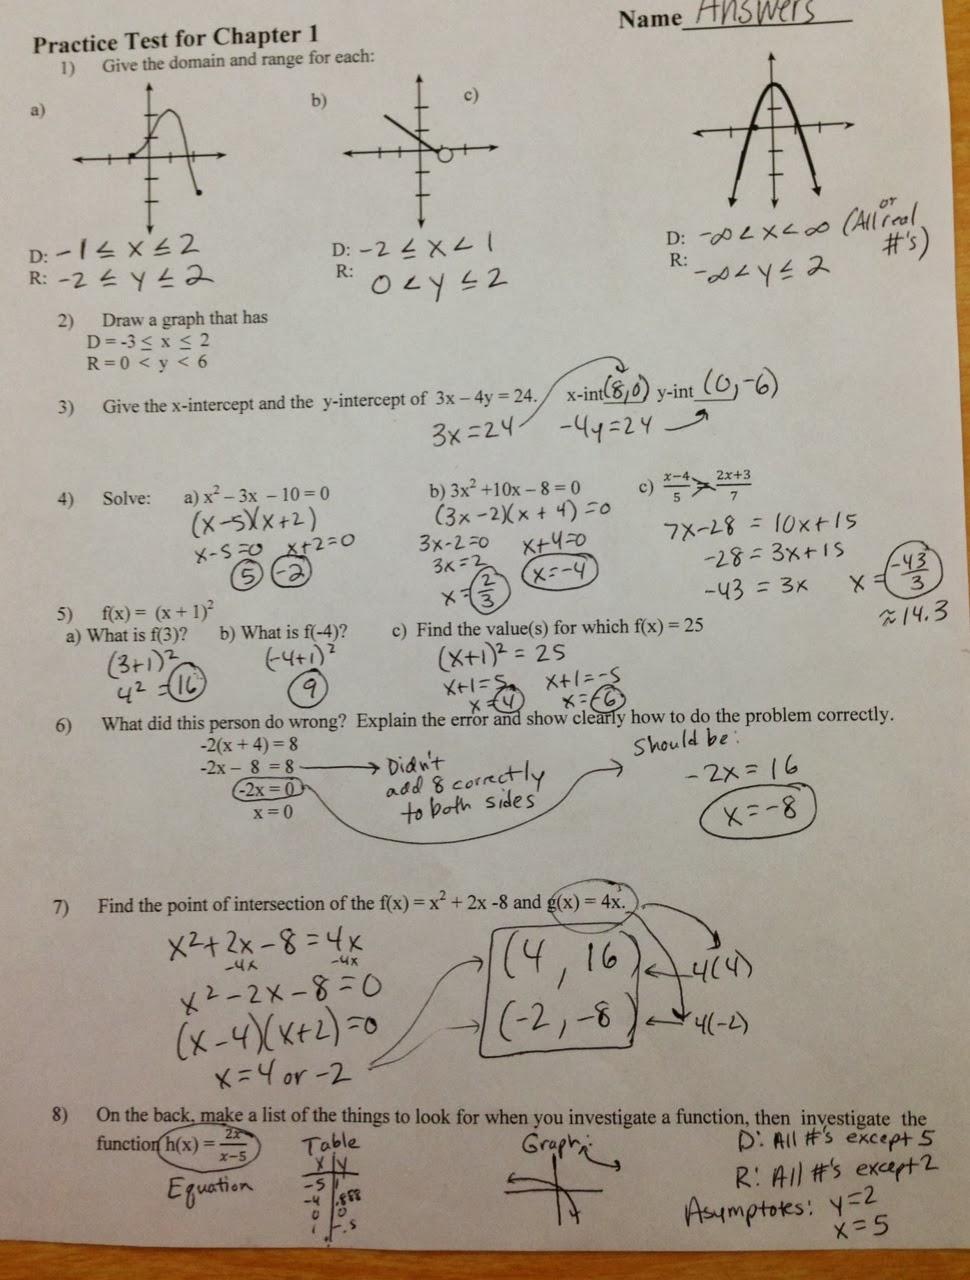 worksheet Of Mice And Men Worksheet of mice and men worksheet workbook site cp algebra 2 george lennies